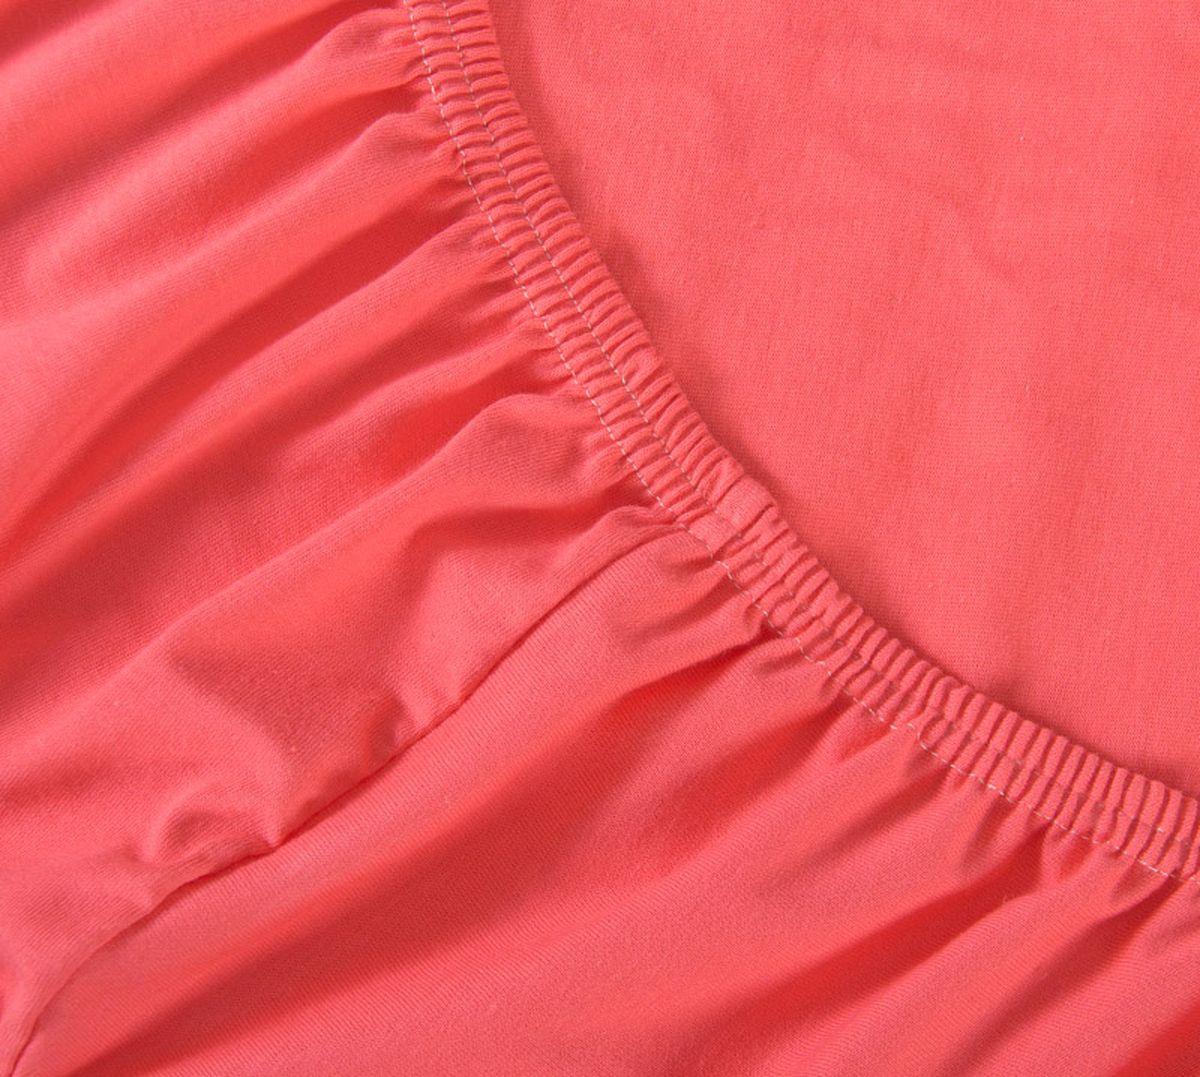 Простыня Текс-Дизайн, на резинке, цвет: коралловый, 180 х 200 х 20 смР014ТПростыня Текс-Дизайн изготовлена из трикотажа высокого качества, состоящего на 100% из хлопка. По всему периметру простыня снабжена резинкой, что обеспечивает комфортный отдых, и избавляет от неприятных ощущений скомкавшейся во время сна изделия. Простыня легко одевается на матрасы высотой до 20 см. Идеально подходит в качестве наматрасника.Трикотаж эластичен и растяжим, практически не мнется и не теряет форму после стирки. И кроме того он очень красиво выглядит и приятен на ощупь.Советы по выбору постельного белья от блогера Ирины Соковых. Статья OZON Гид